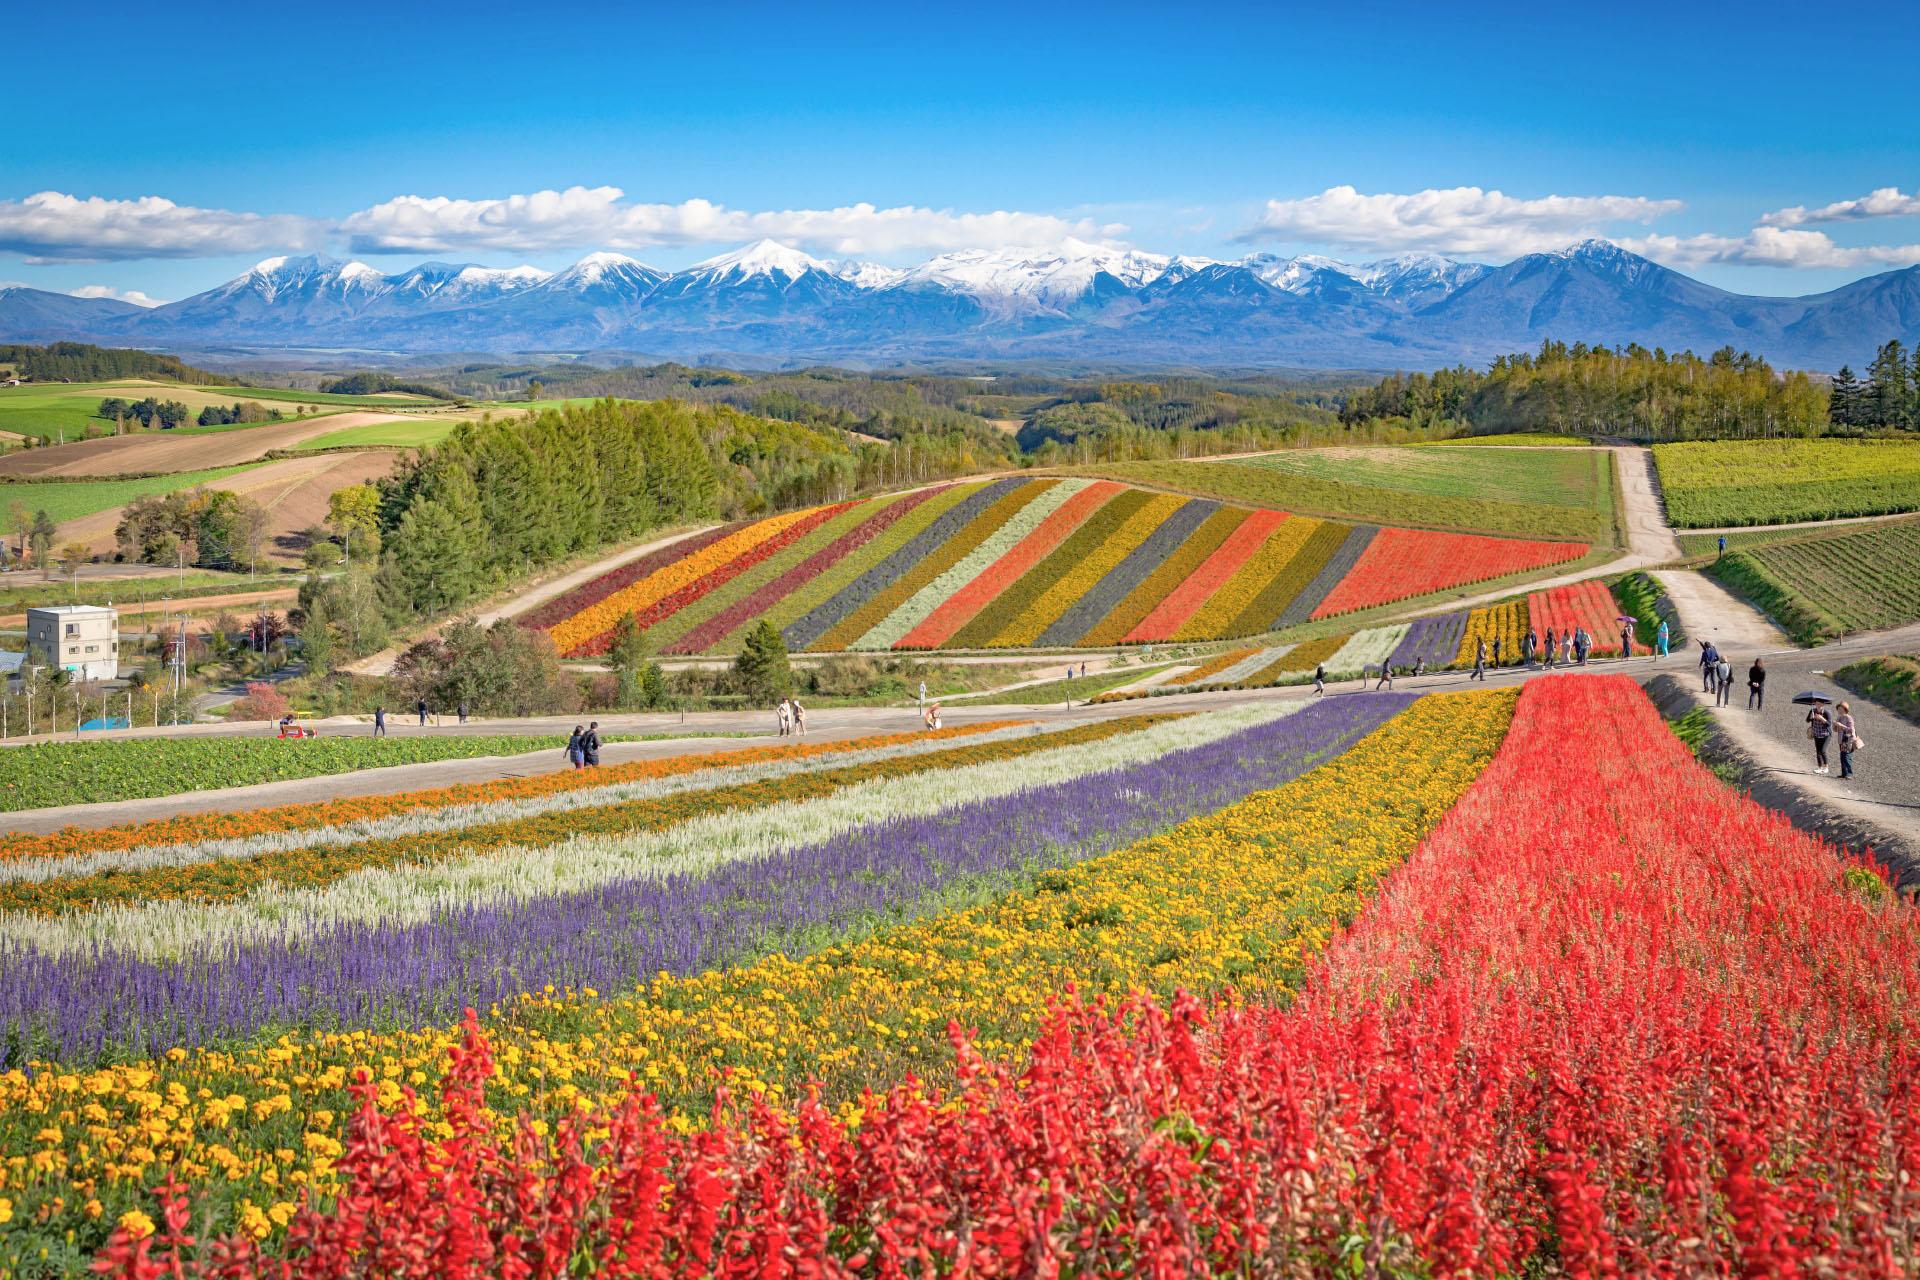 色とりどりの花畑の光景 北海道の風景